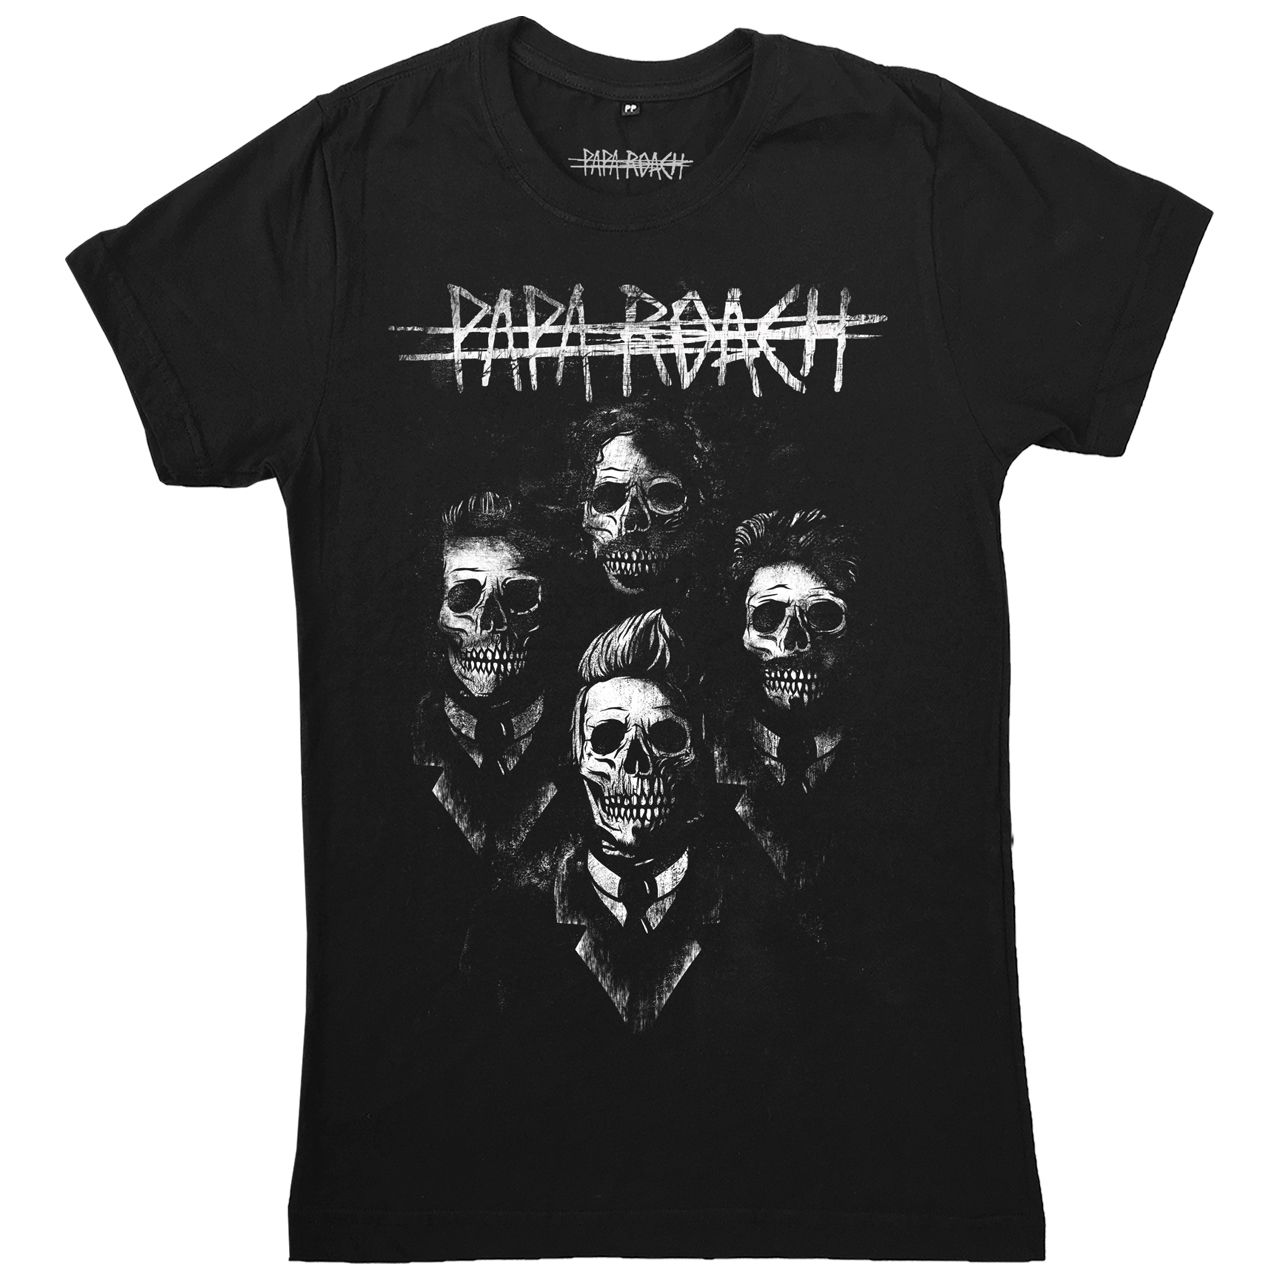 Papa Roach - I Need Help [Camiseta Importada]